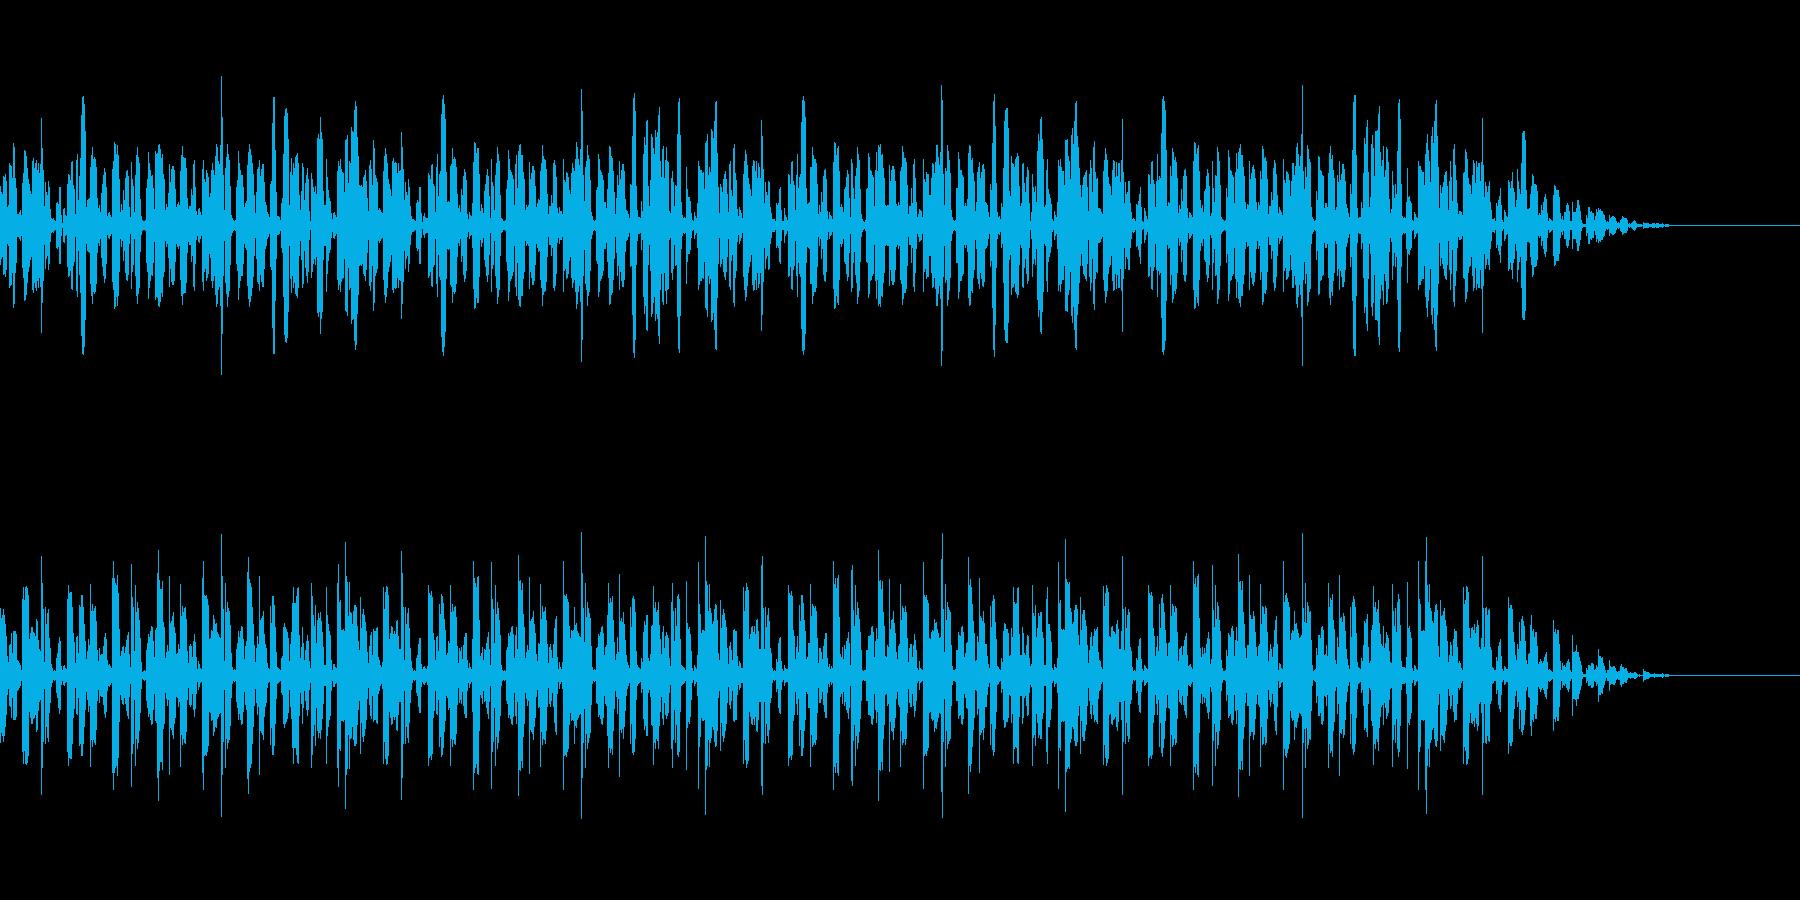 楽しげな日常の光景のBGMの再生済みの波形